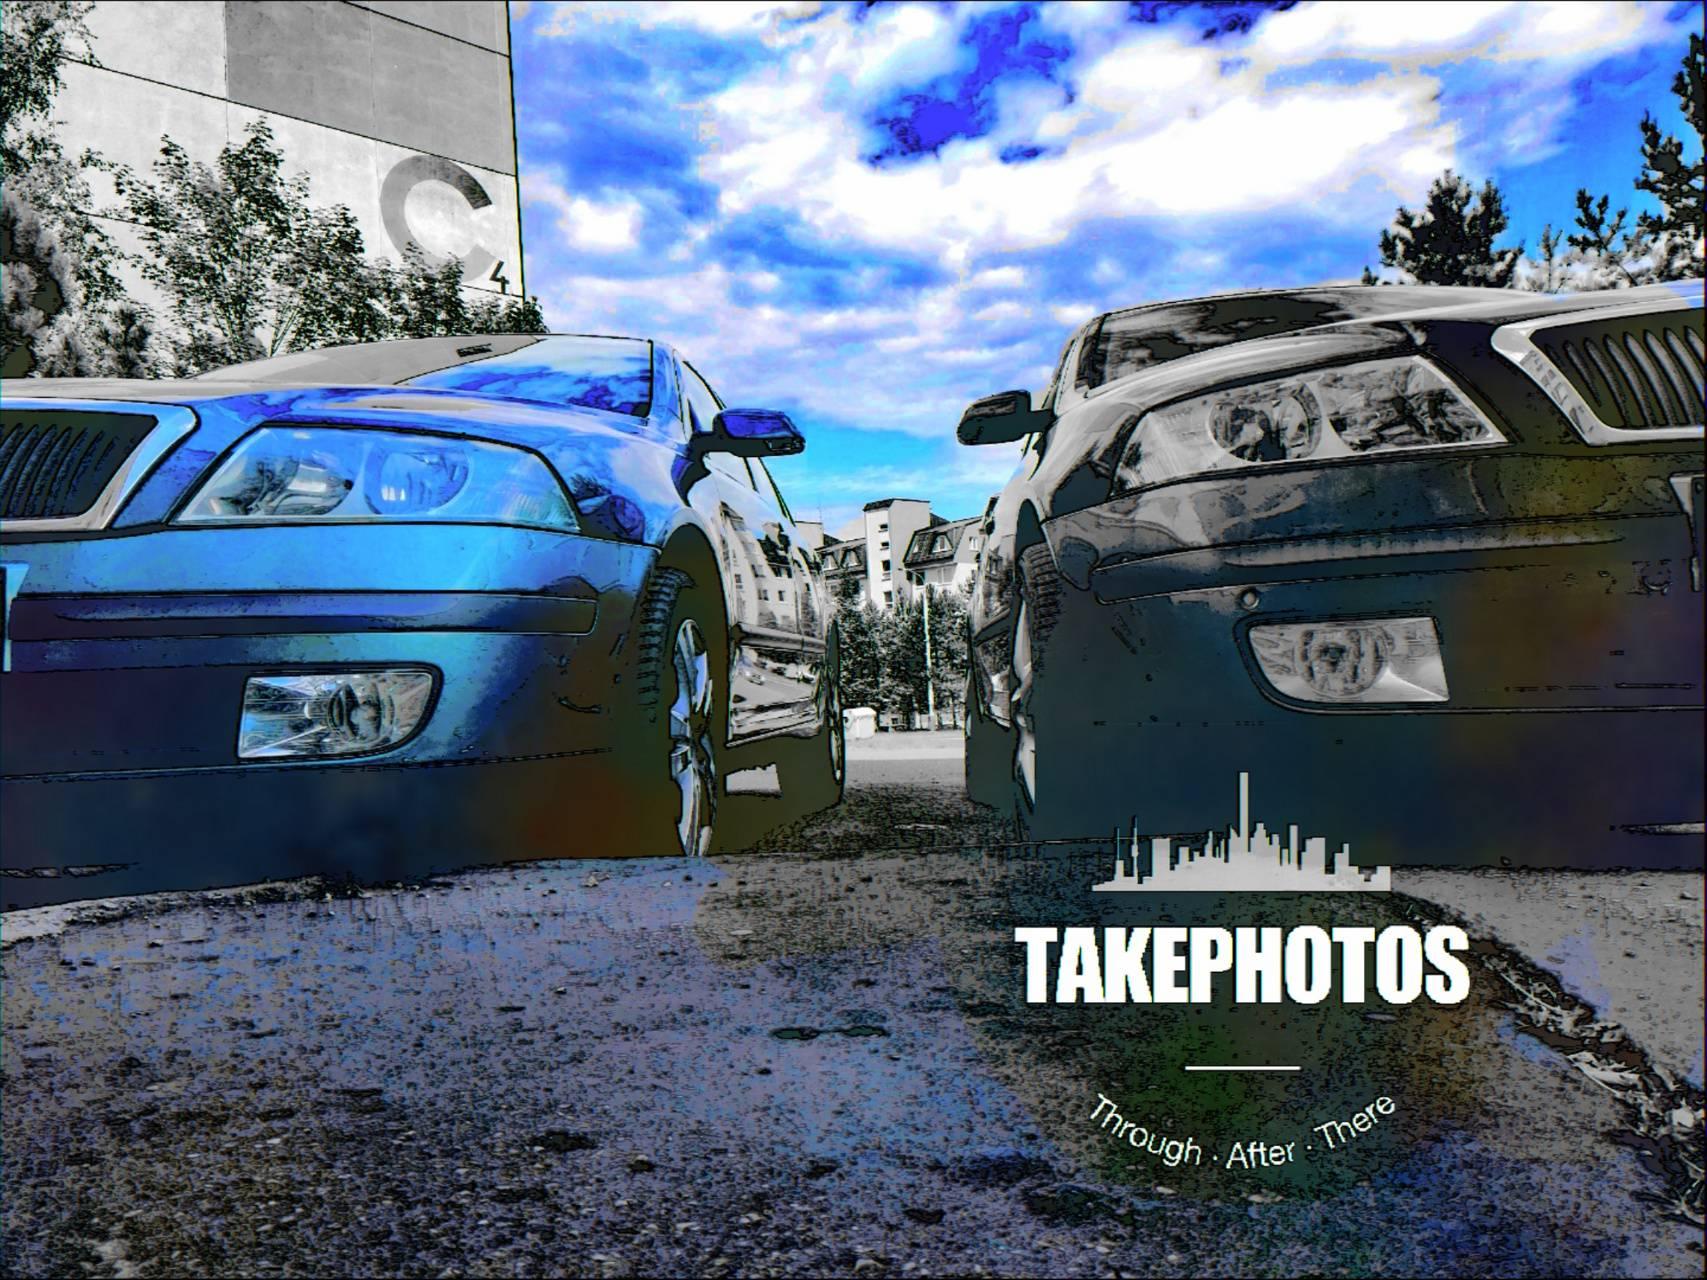 Takephotoseverywhere